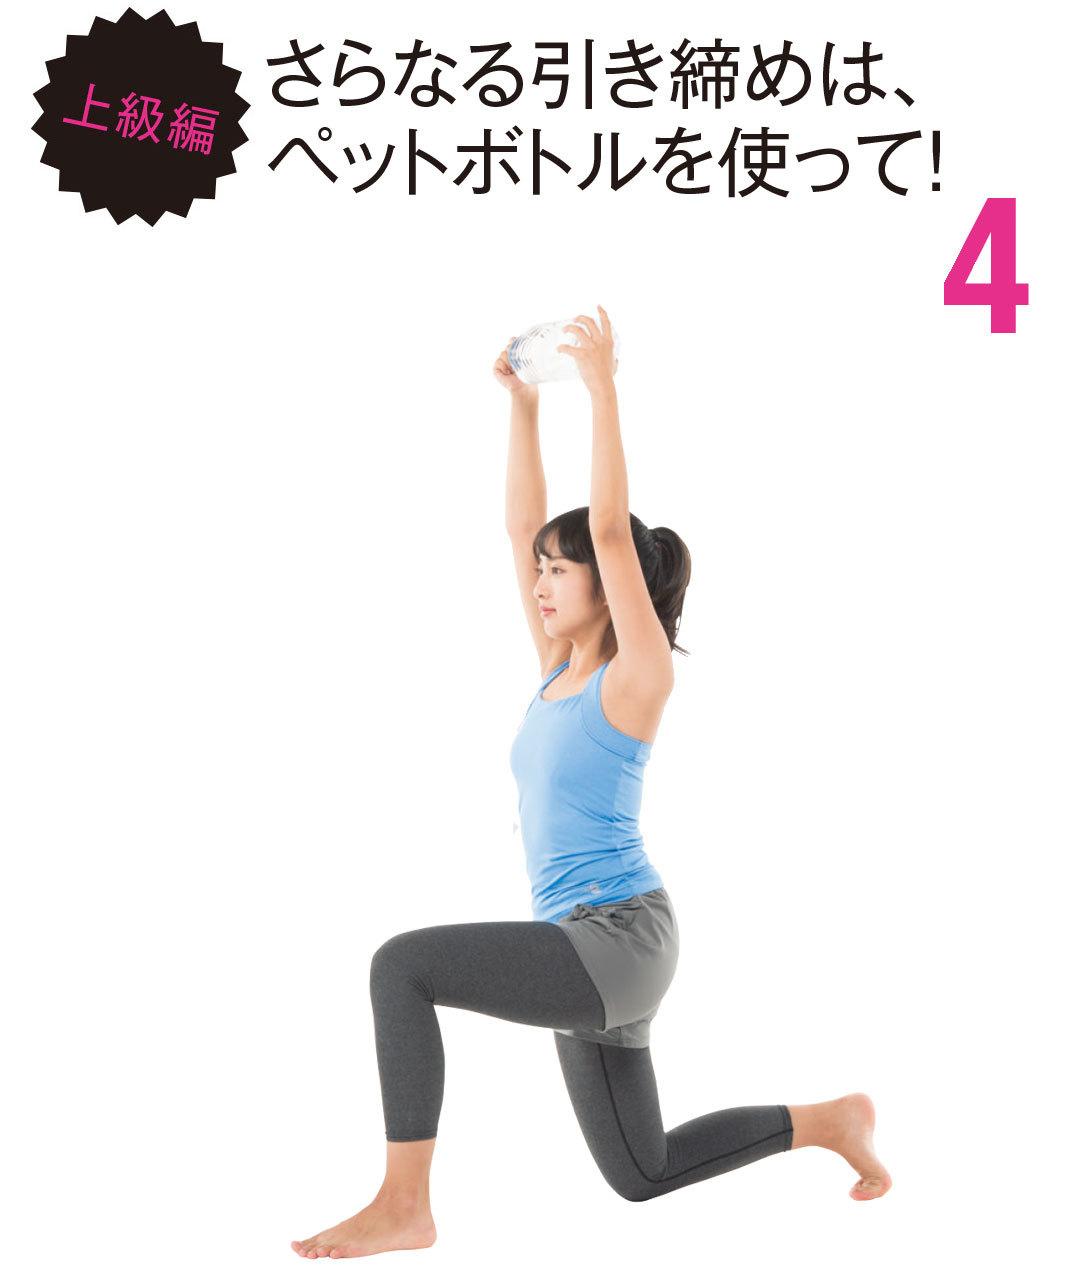 太もも痩せしたい! 1畳スペースでできる簡単筋トレをAYAさんが伝授♡ _1_2-10